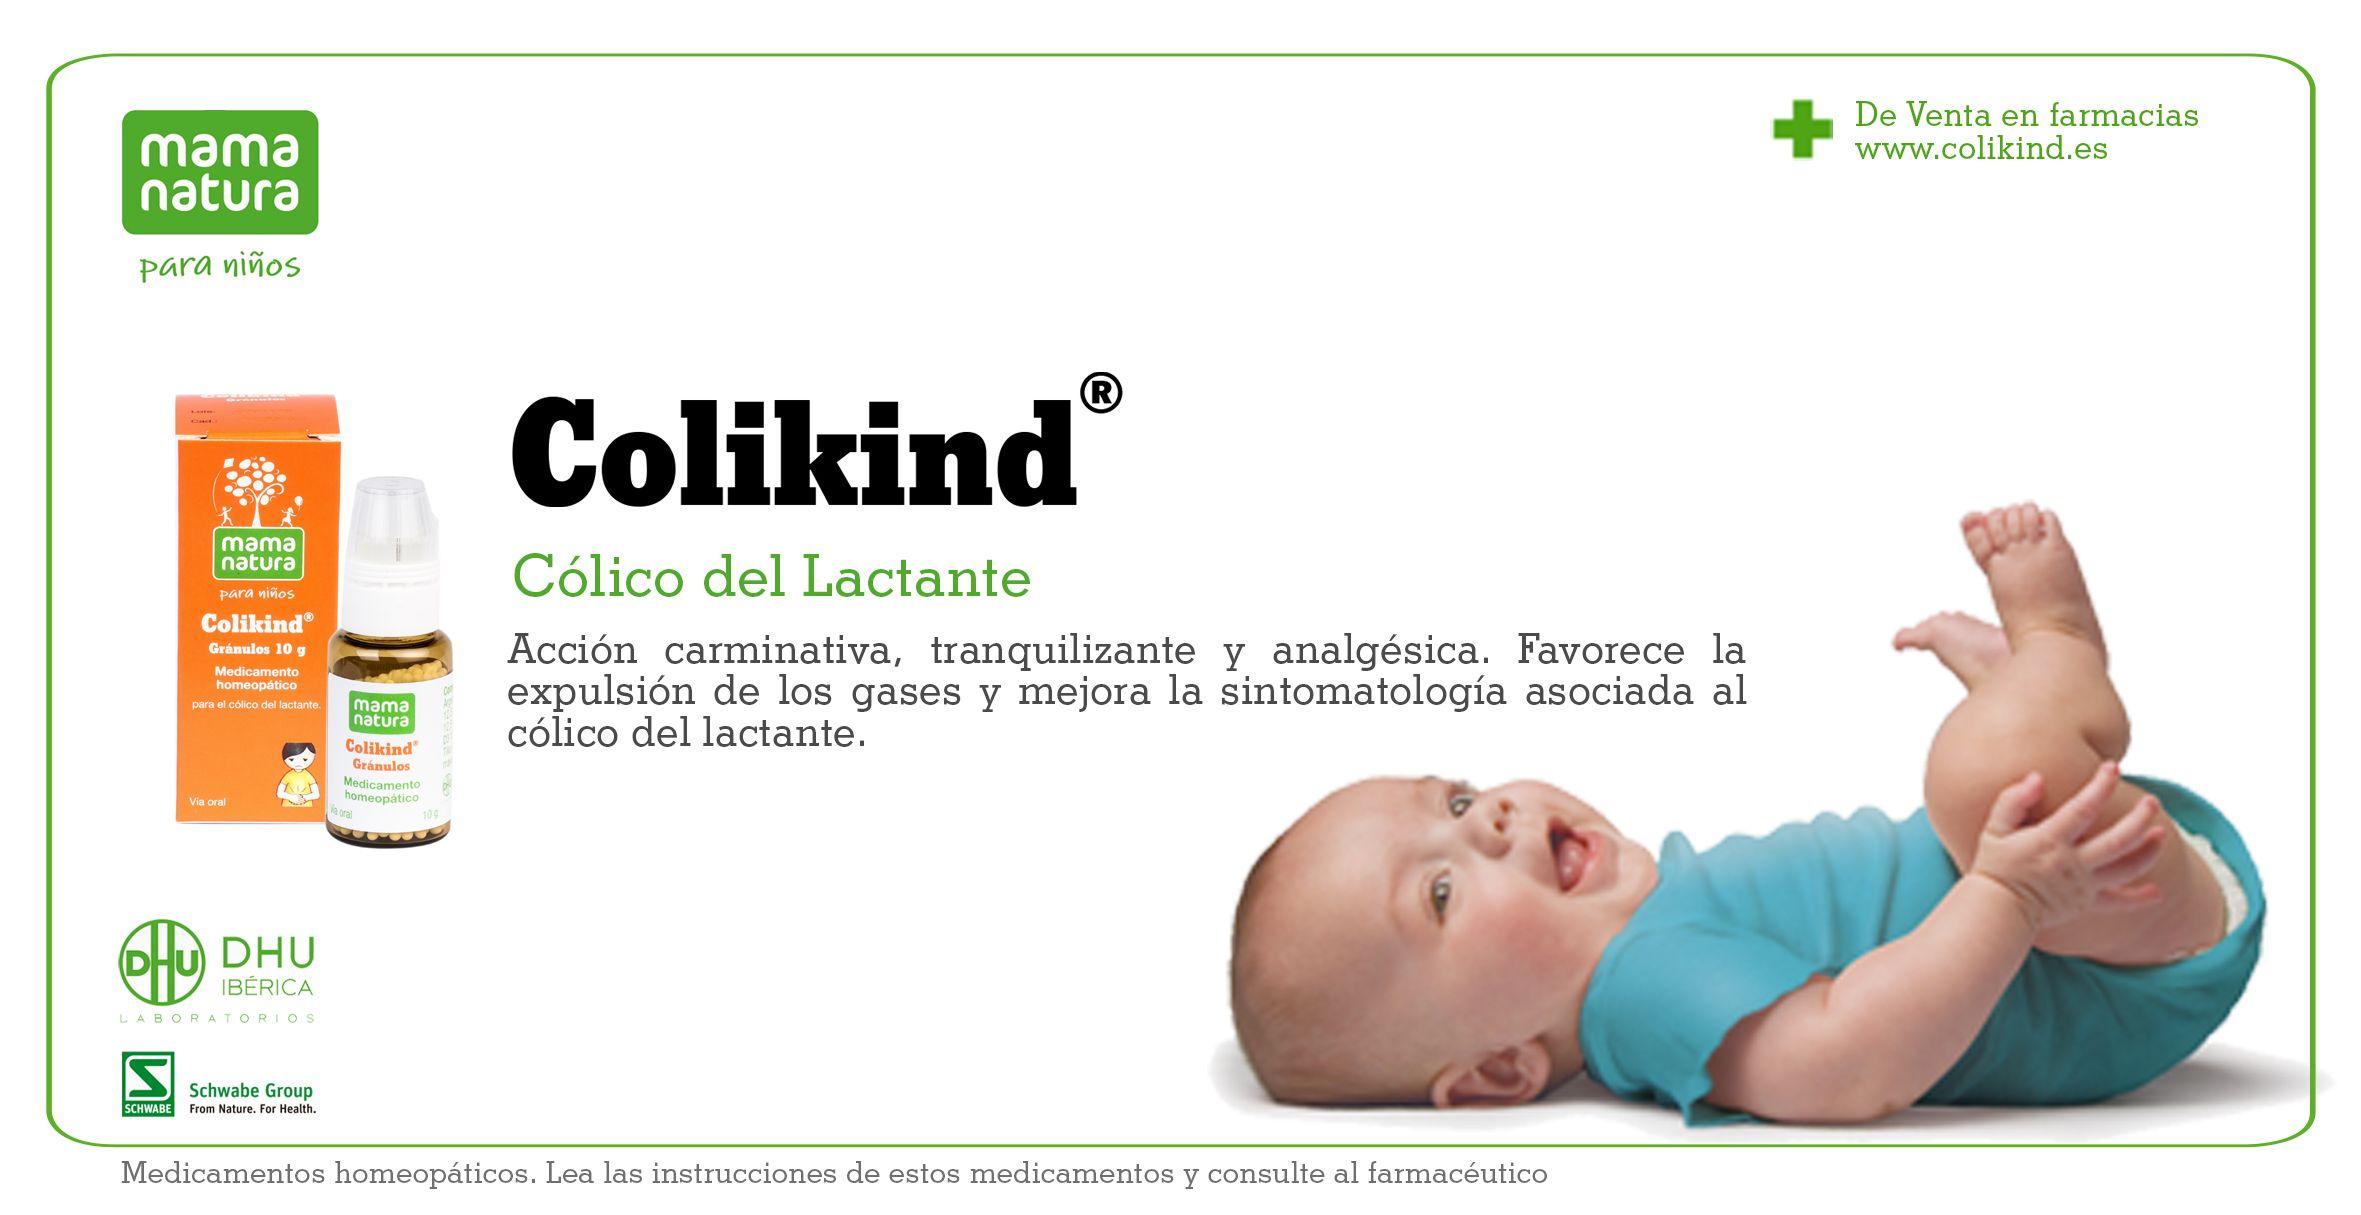 Colikind de Mama Natura para el cólico del lactante www.colikind.es